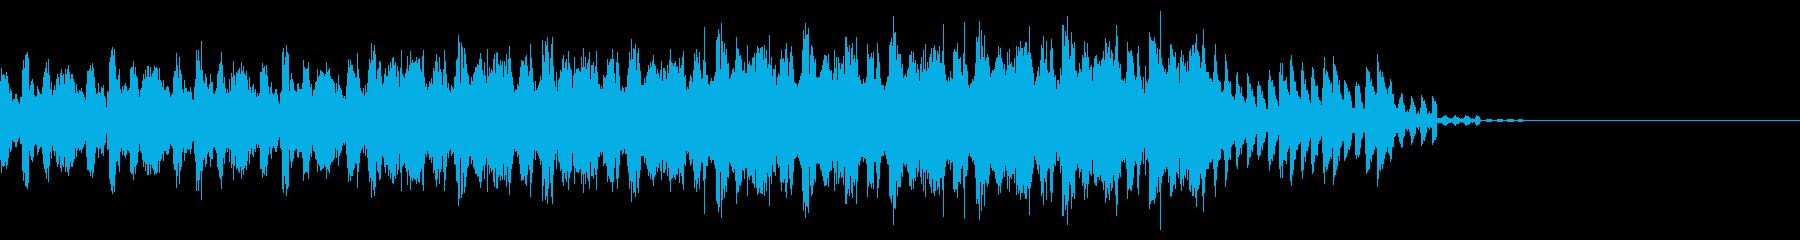 重苦しいハードテクノのエンディング30秒の再生済みの波形